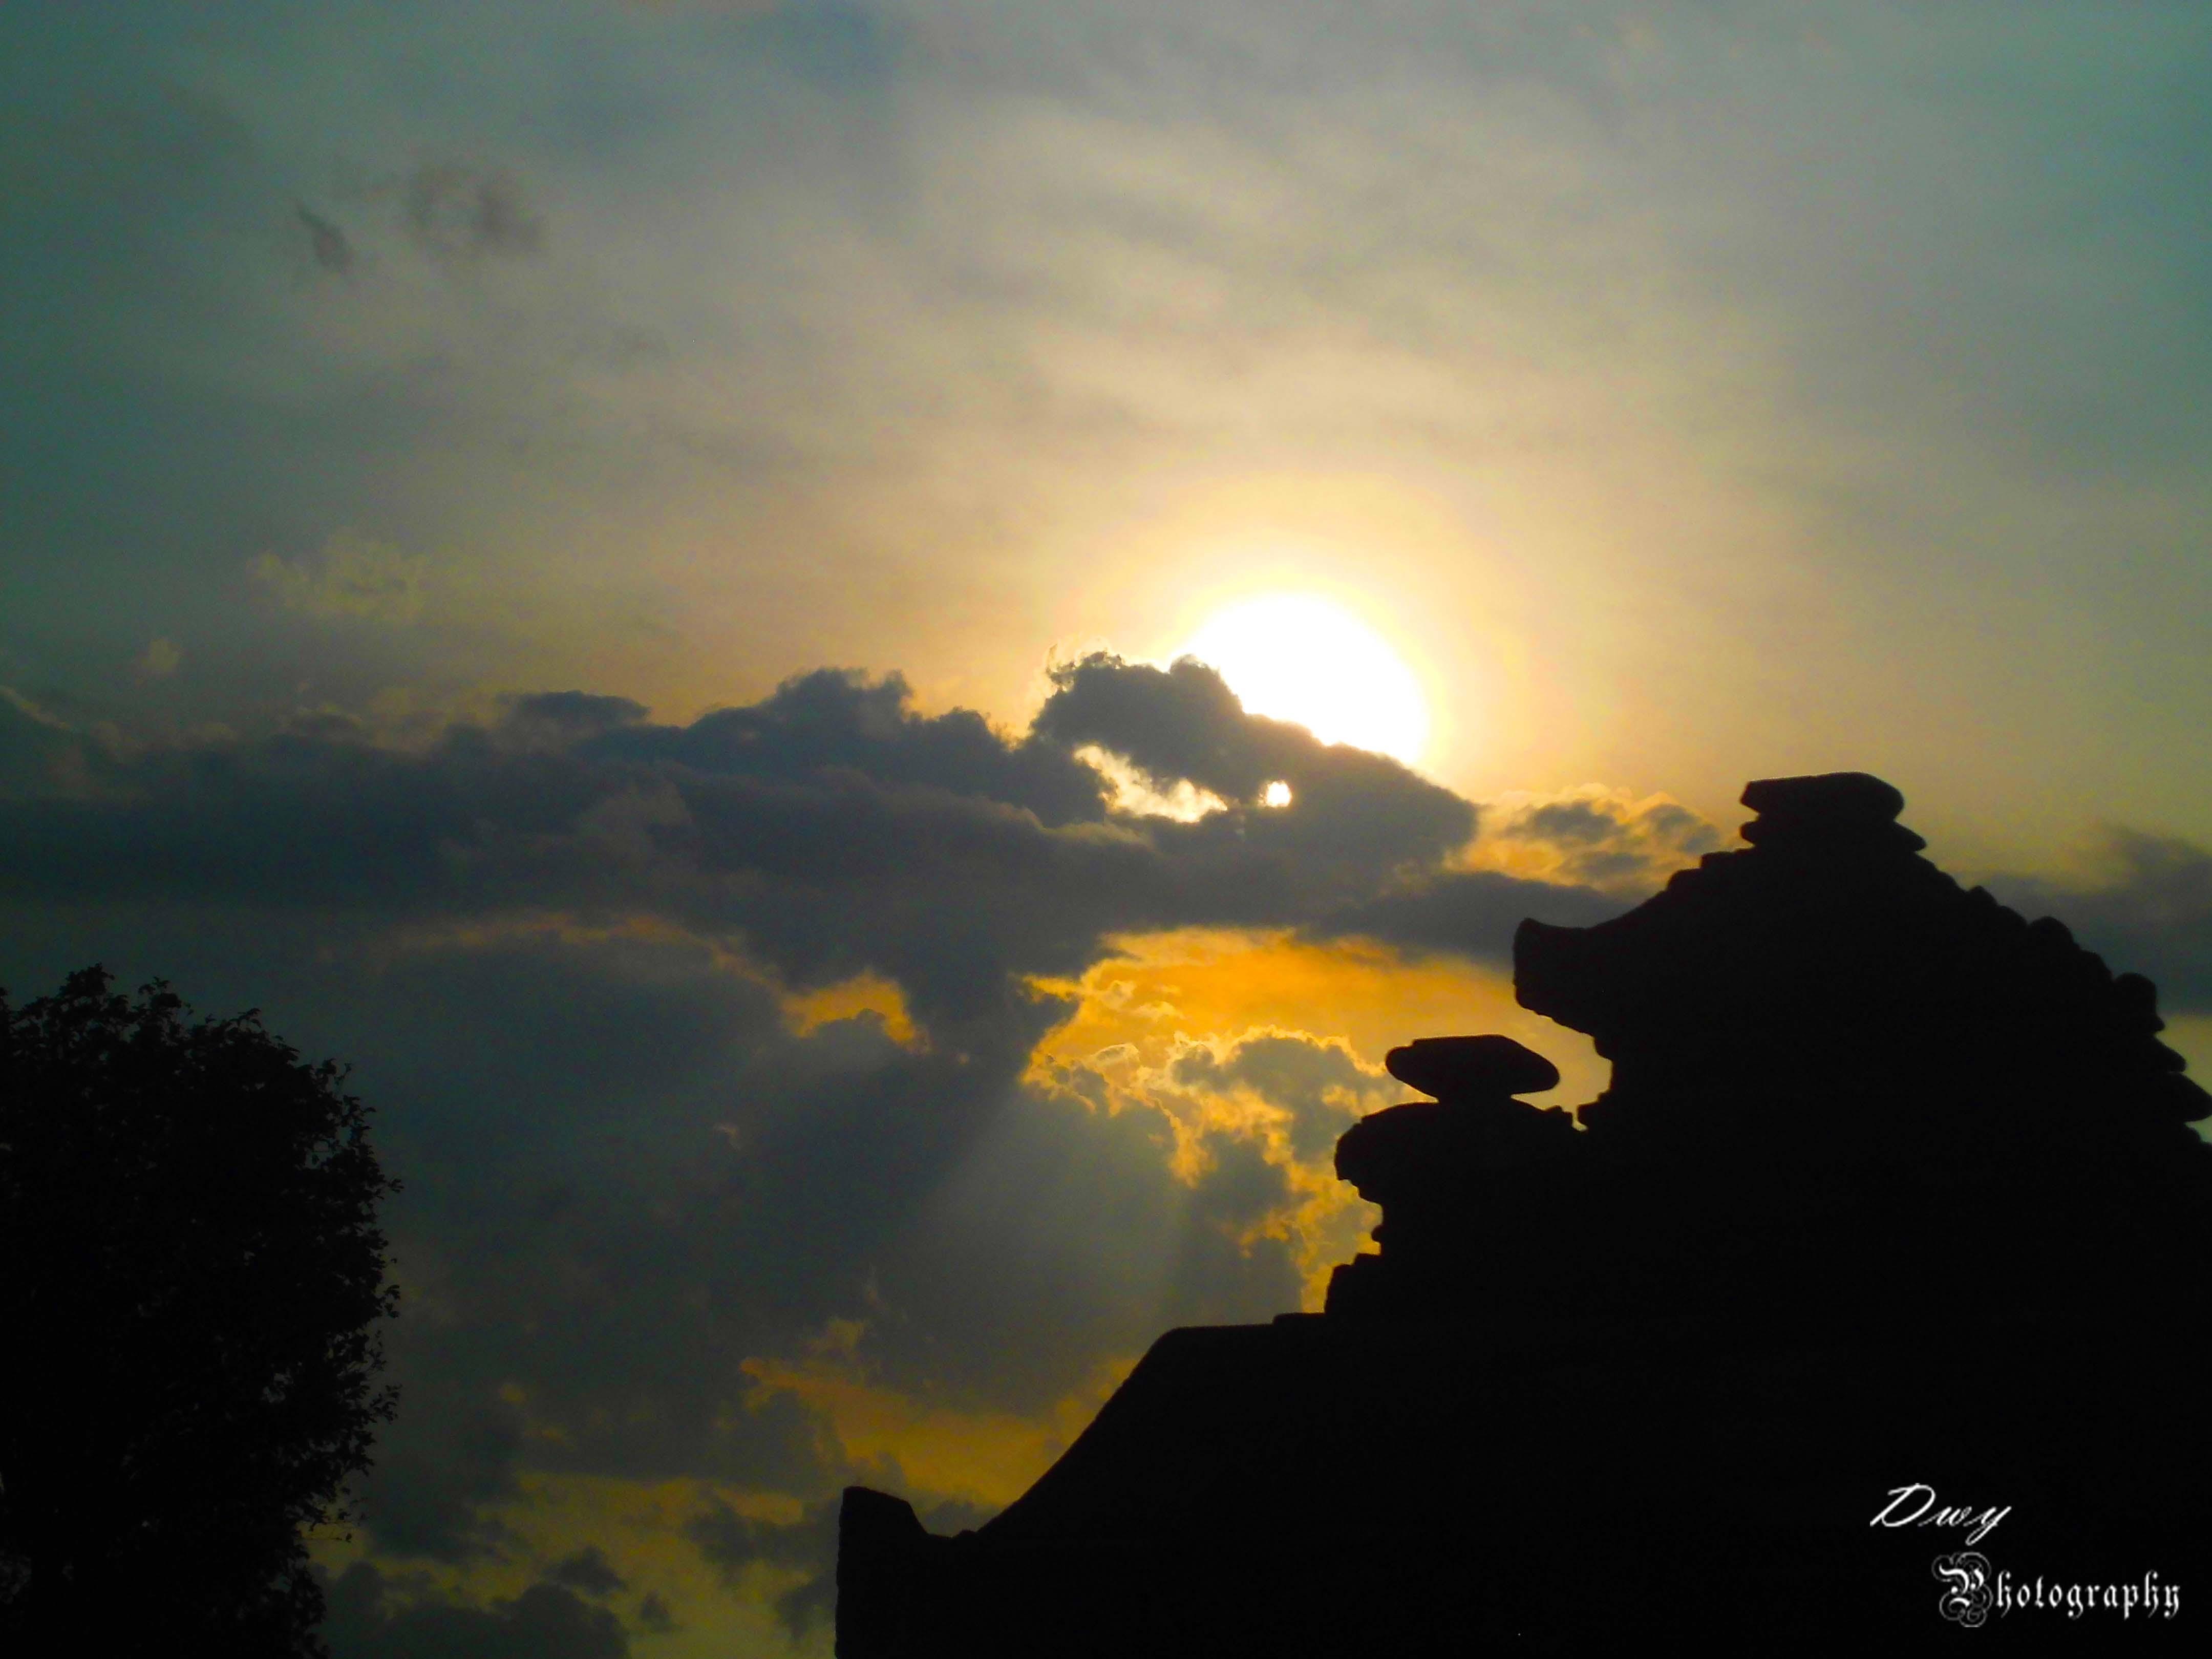 Sunset At Candi Barong Yogyakarta